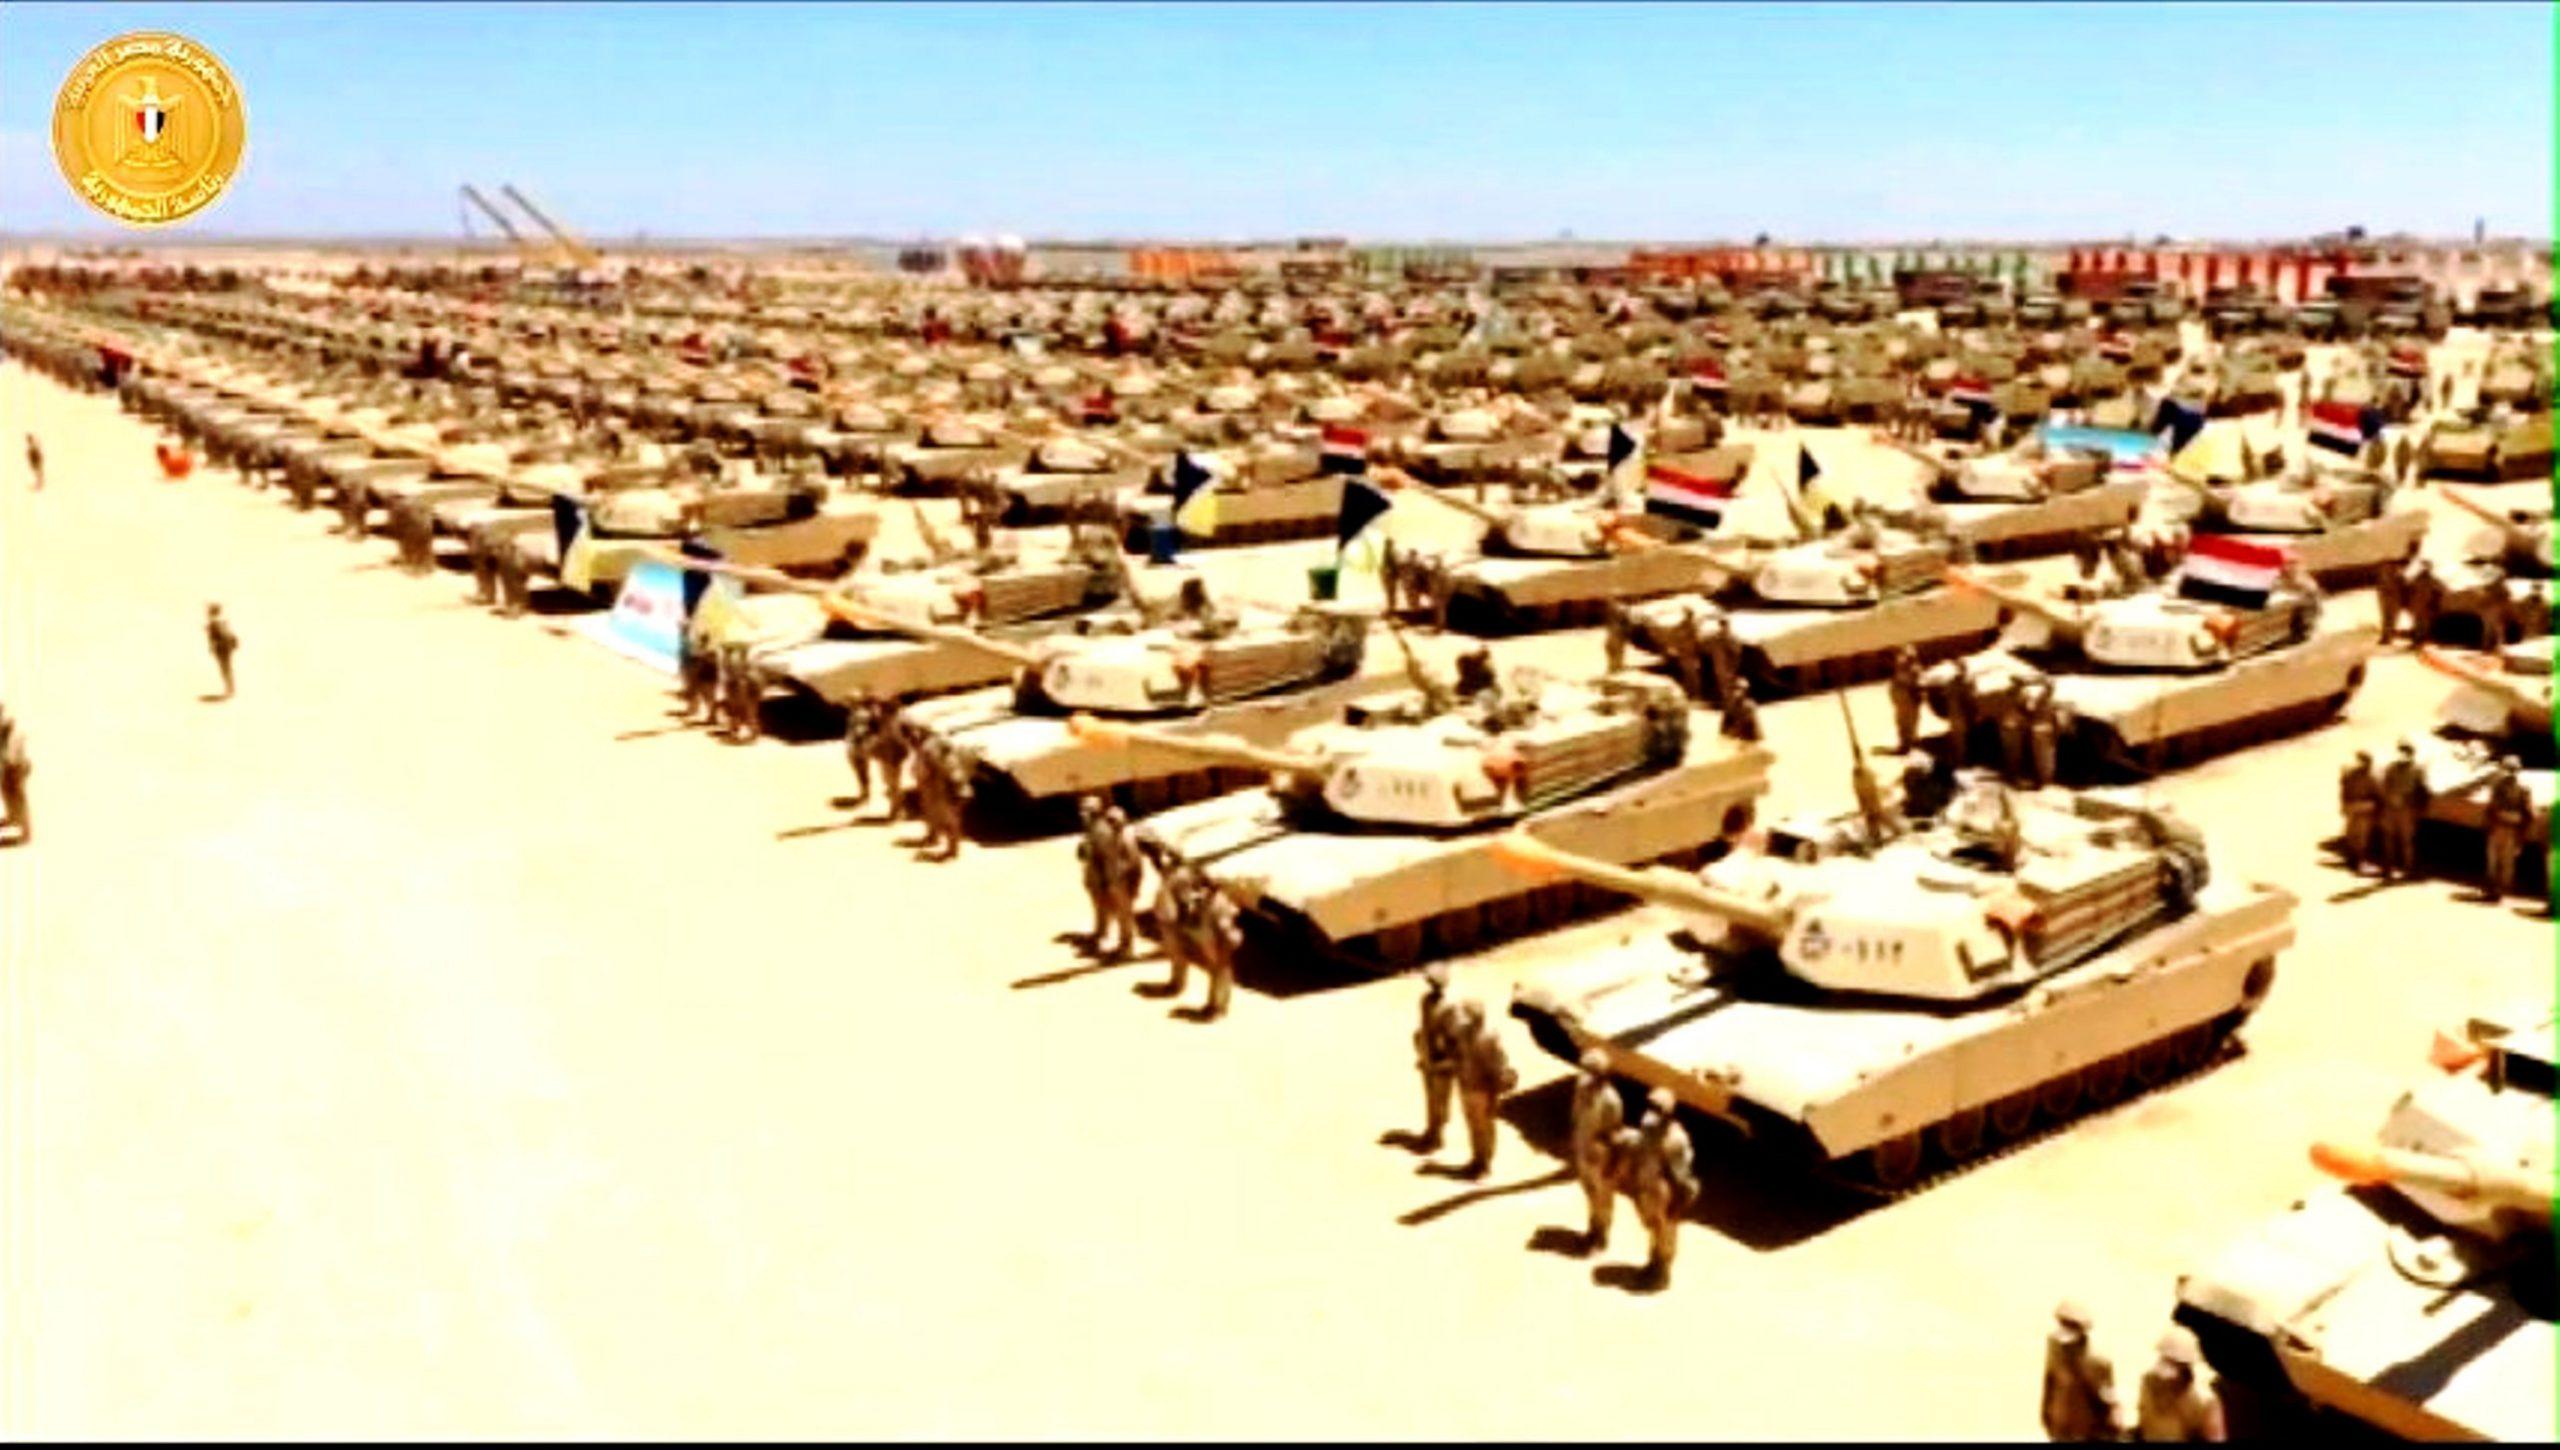 Στο Σίντι Μπαράνι, ο πρόεδρος της Αιγύπτου αλ-Σίσι ισχυρίζεται ότι η Αίγυπτος έχει κάθε νομιμότητα να επέμβει στη Λιβύη και ότι οι πόλεις Σύρτη και Βεγγάζη αποτελουν κόκκινη γραμμή…